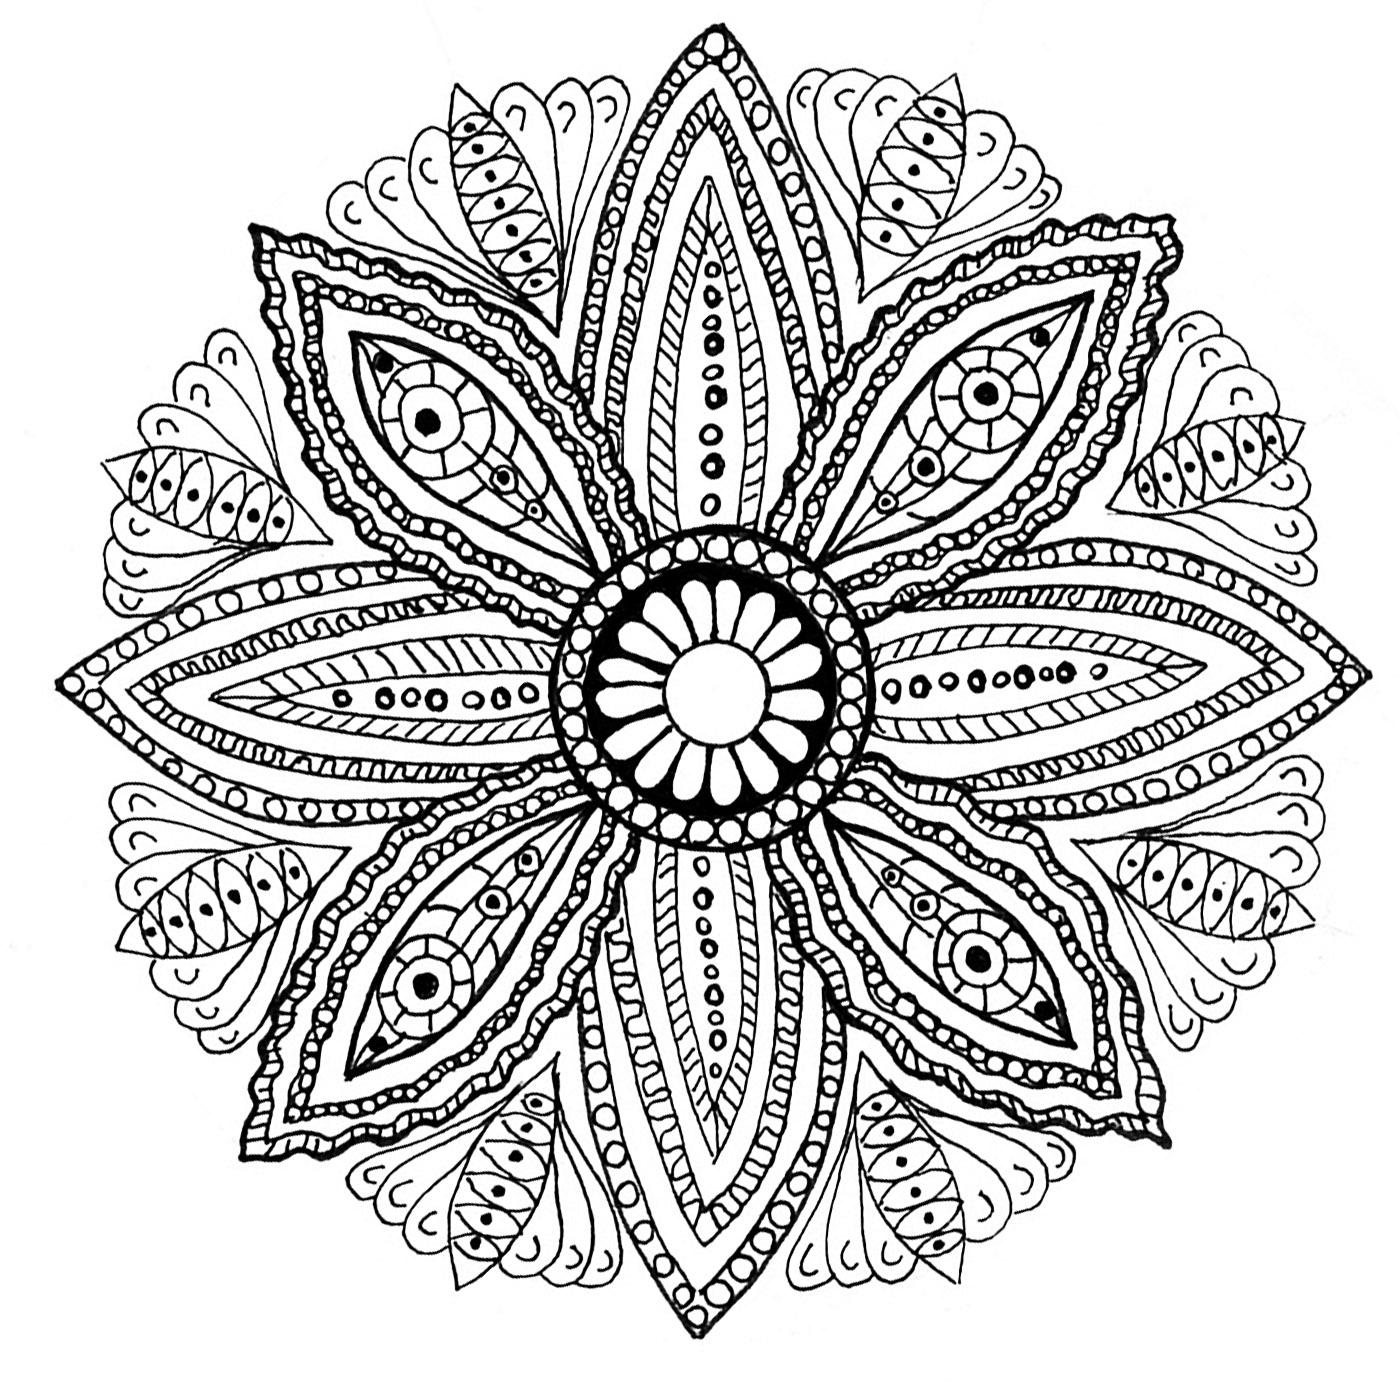 Mandala feuilles et vegetation coloriage mandalas coloriages pour enfants page 6 - Dessin de mandala a imprimer ...